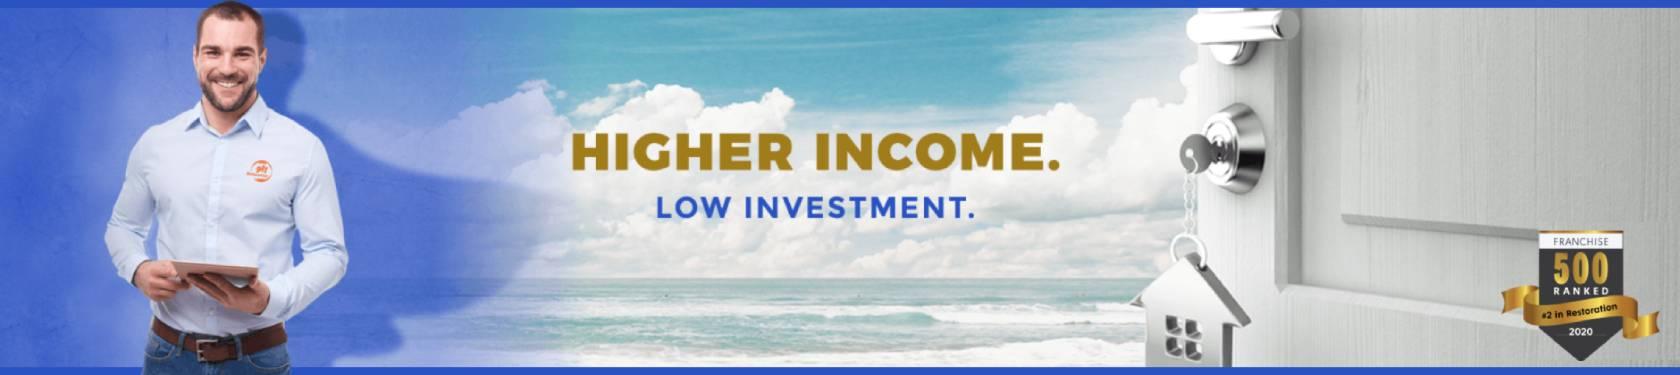 911-Restoration-Franchise-Higher-Income